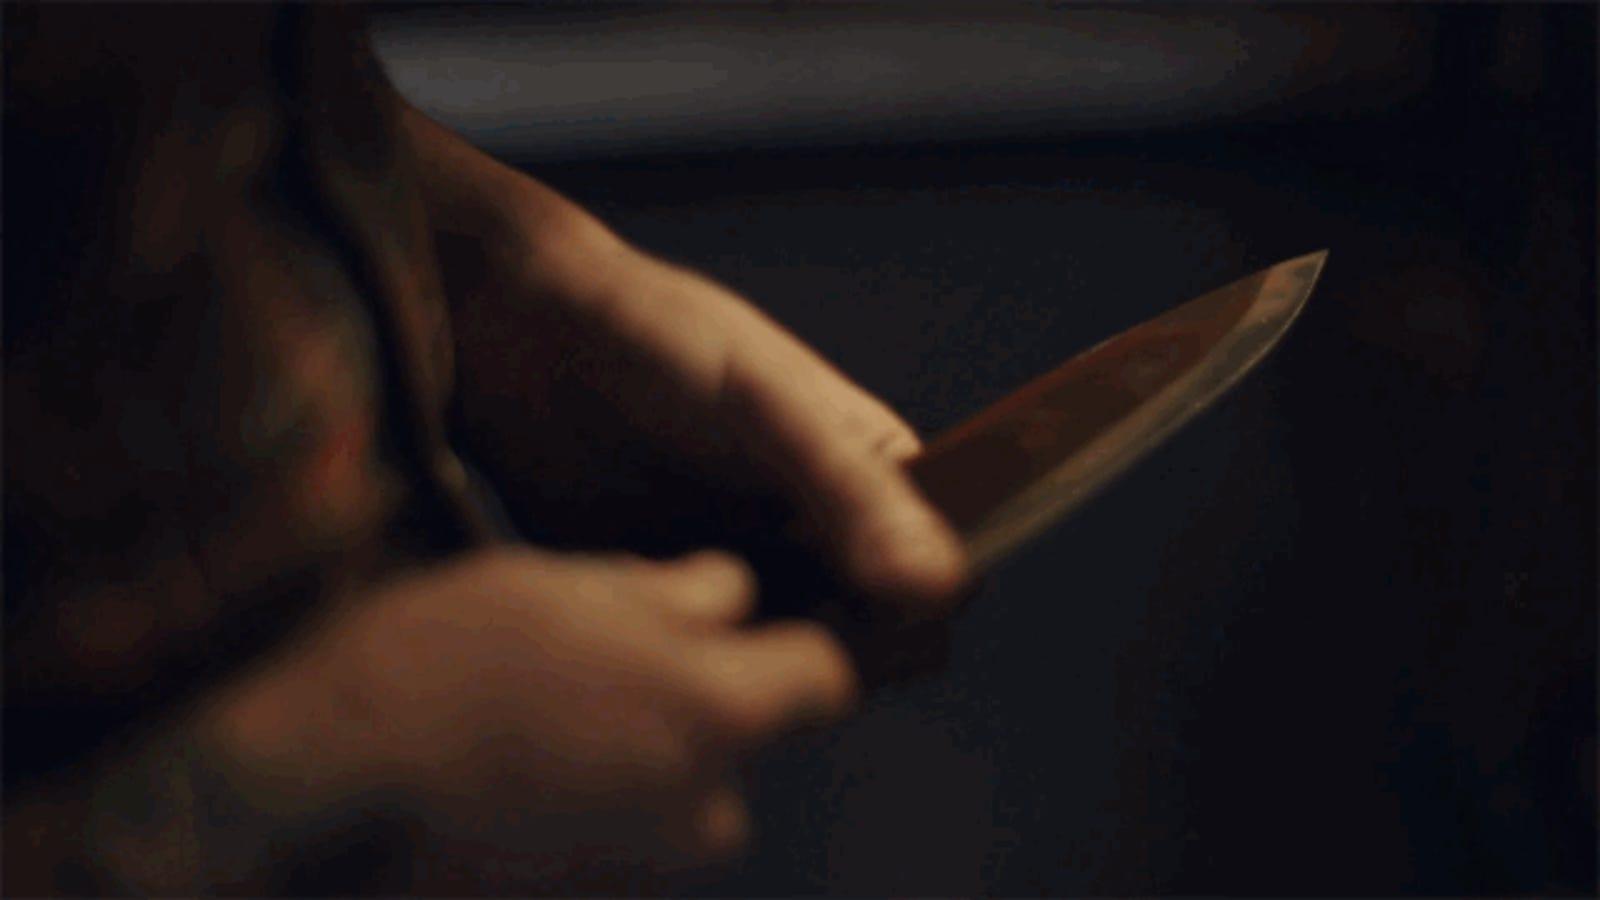 El fascinante proceso de fabricación de un cuchillo artesanal